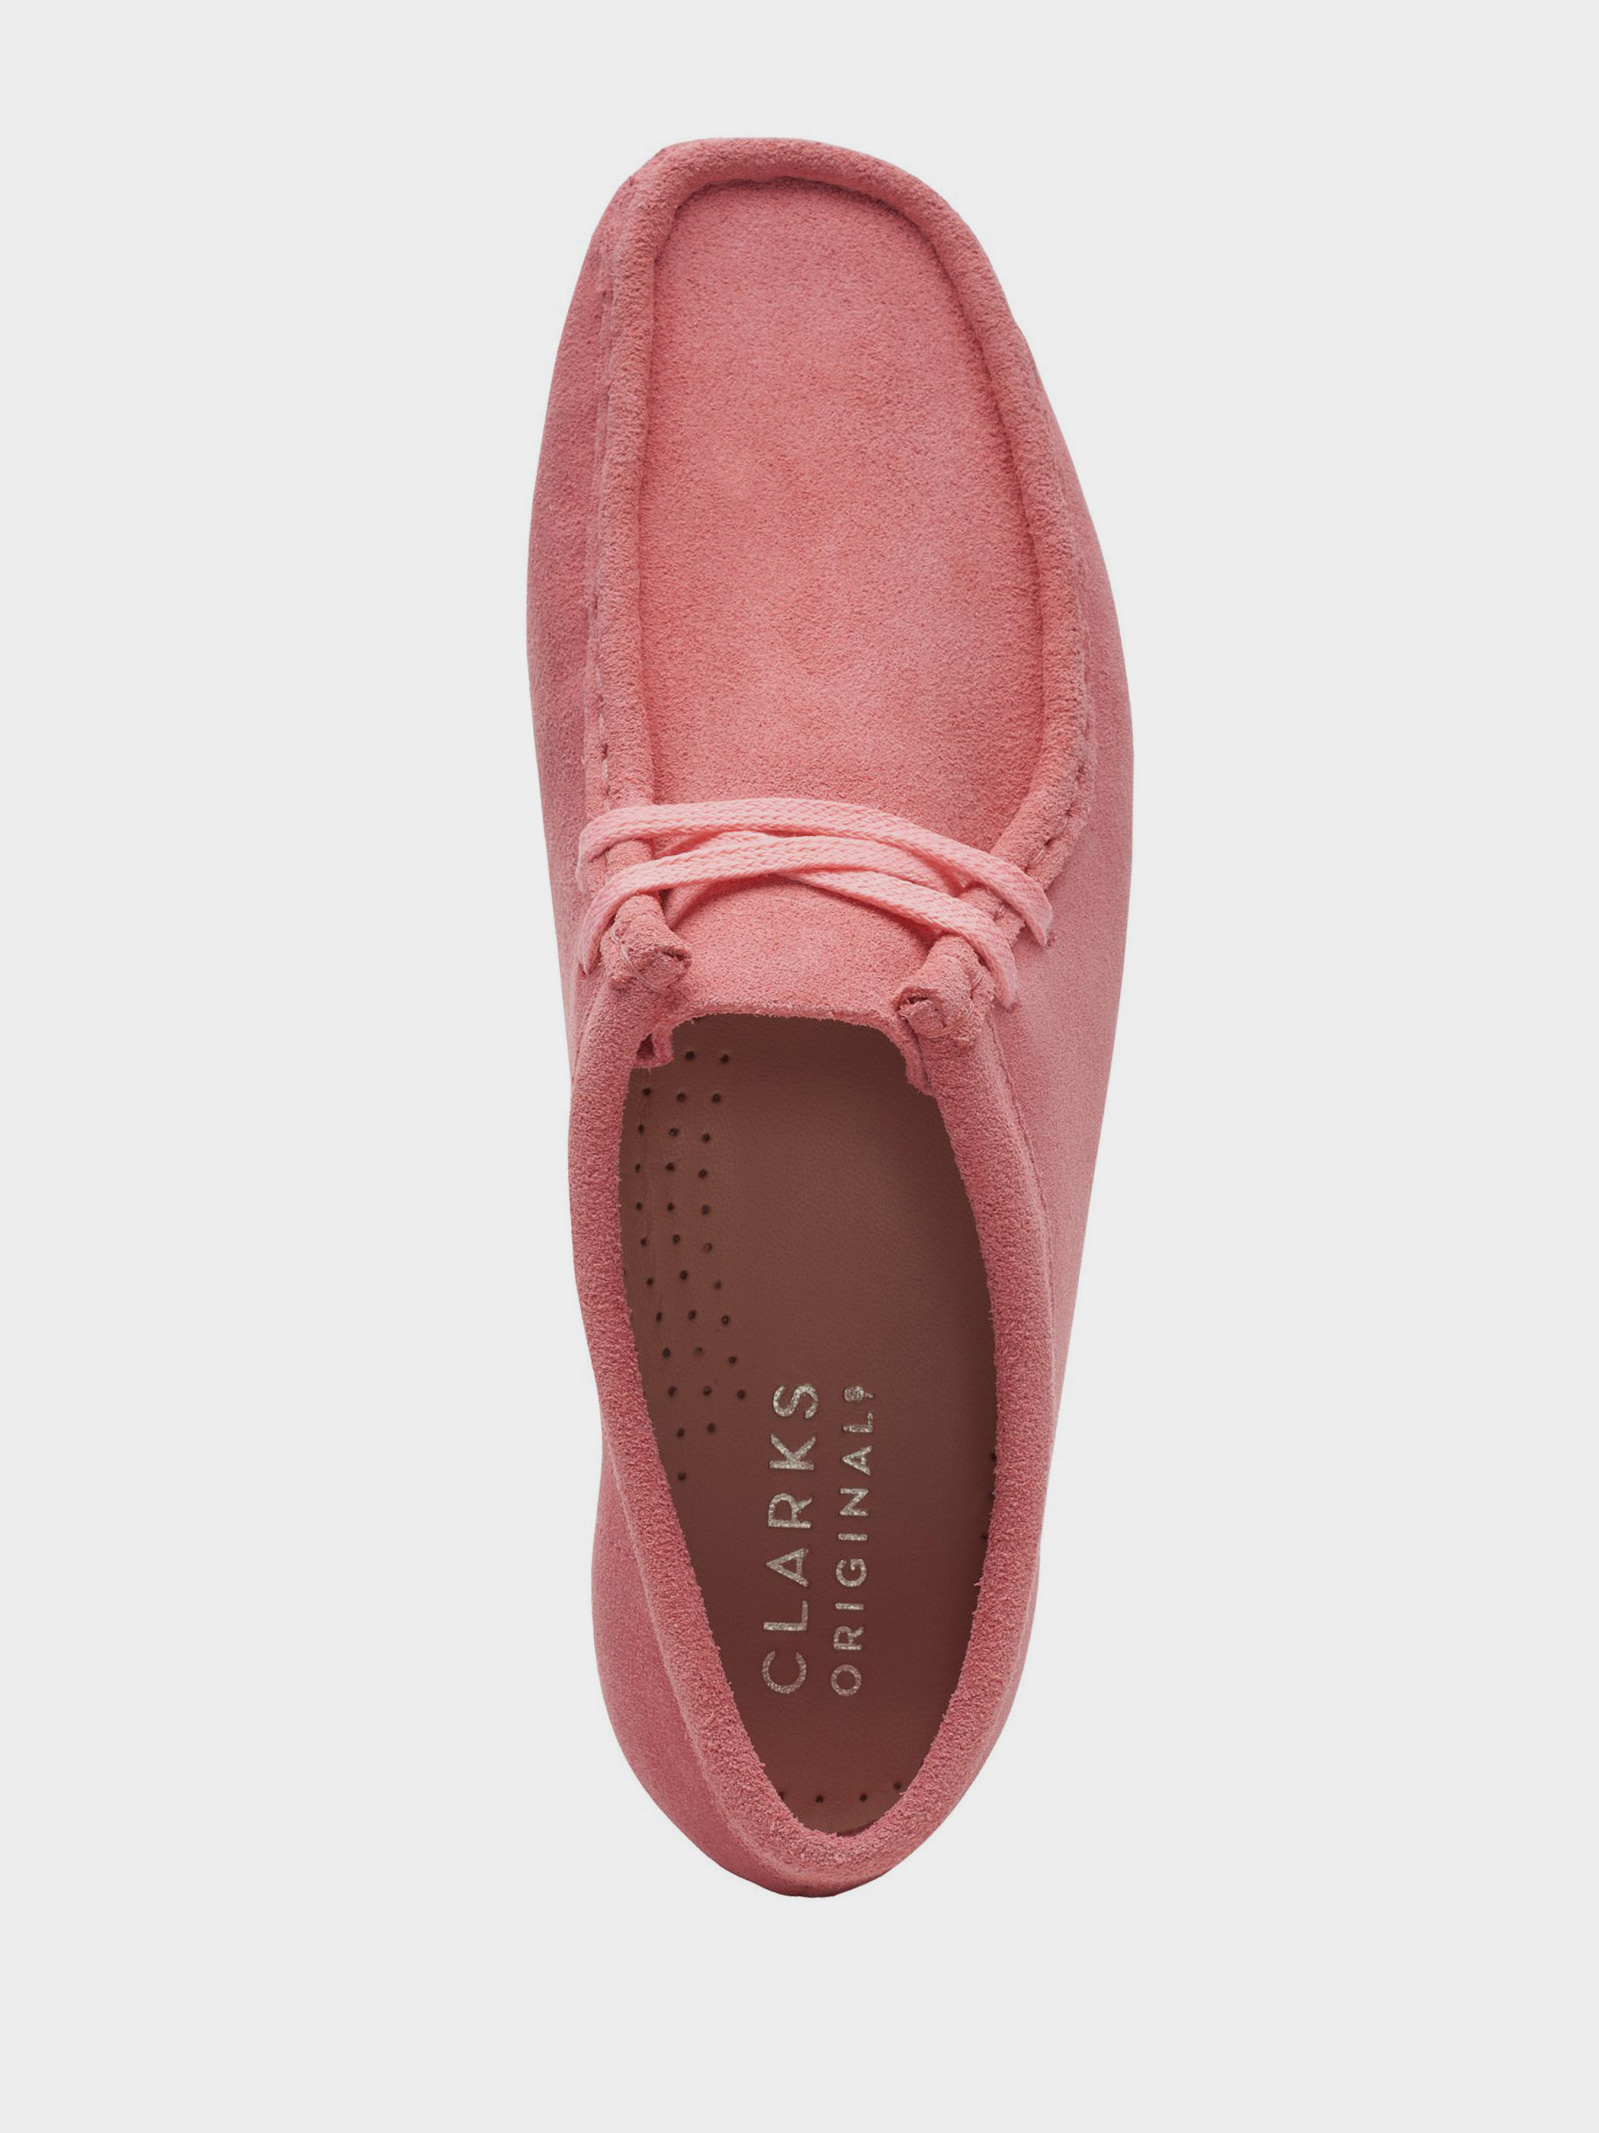 Напівчеревики  для жінок Clarks Wallabee. 26148416 брендове взуття, 2017